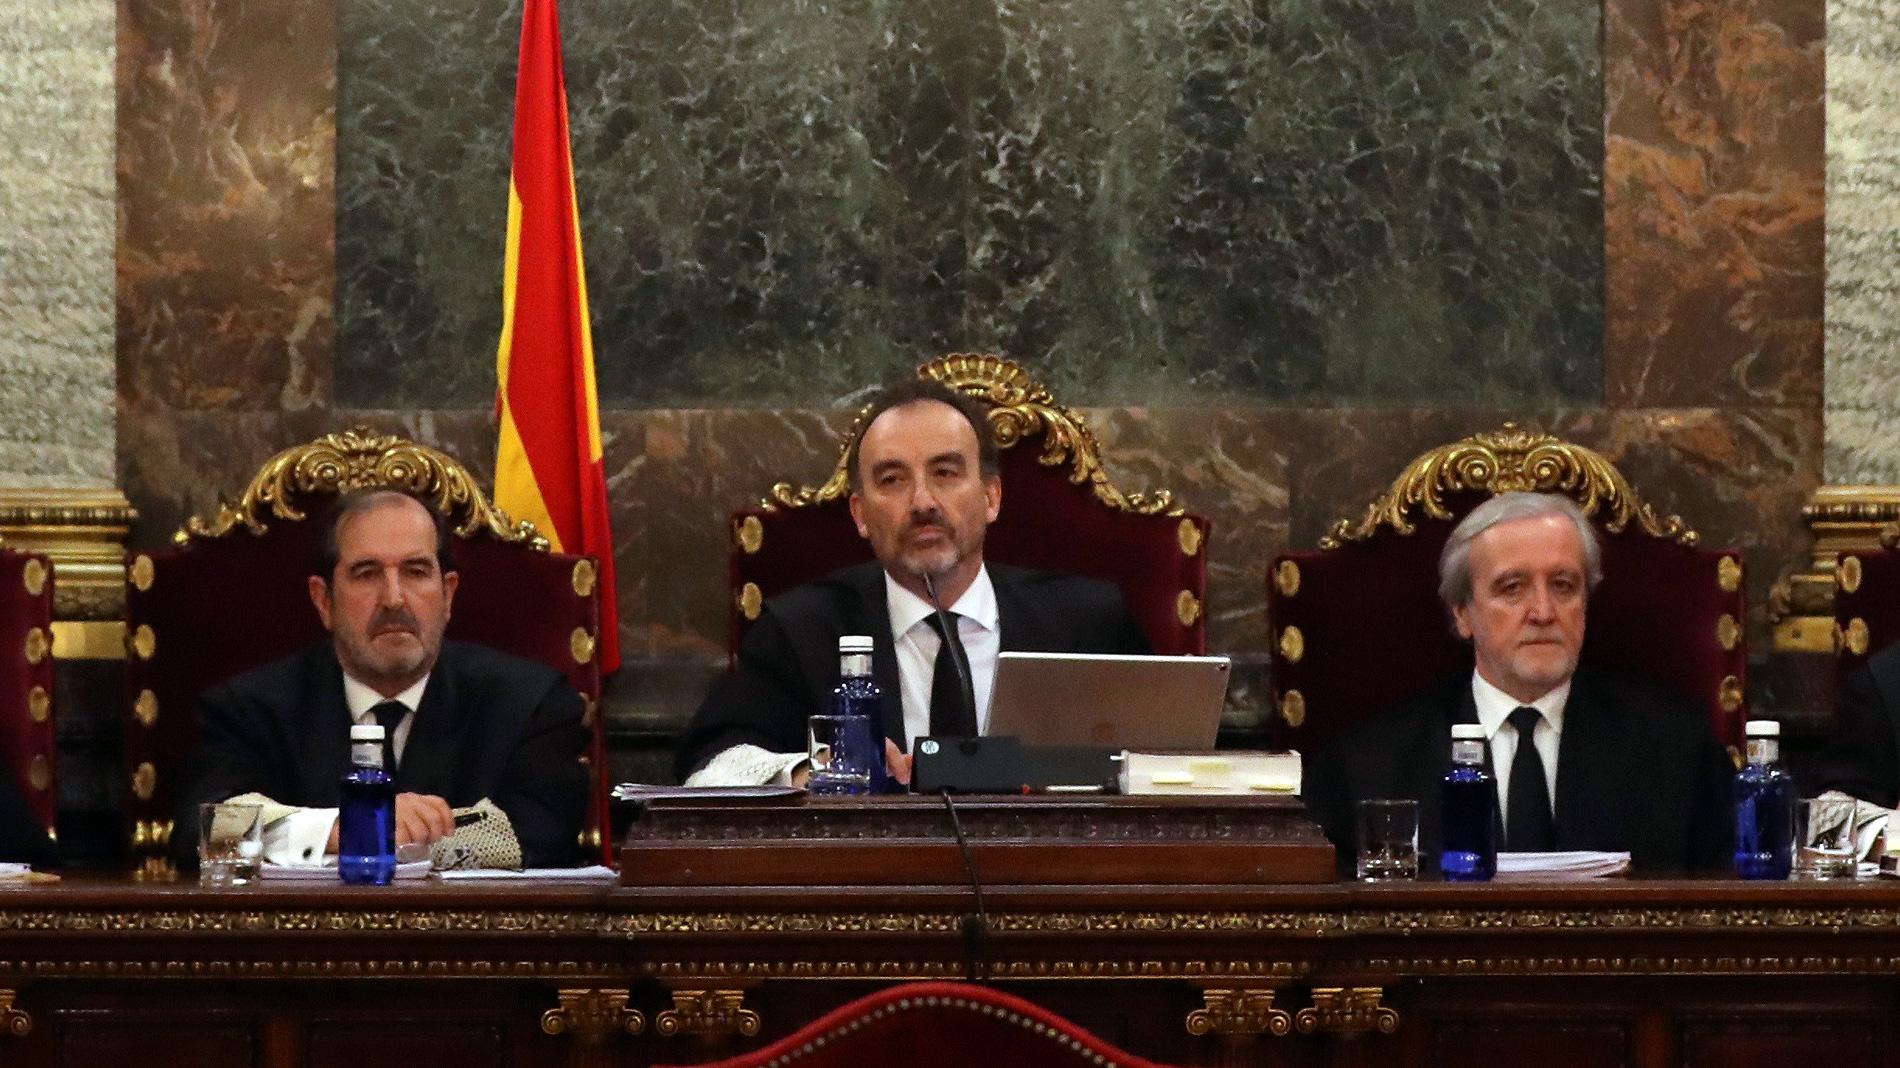 El Supremo fija el 12 de febrero para el inicio del juicio del 'procés' en el que acepta que testifique Rajoy